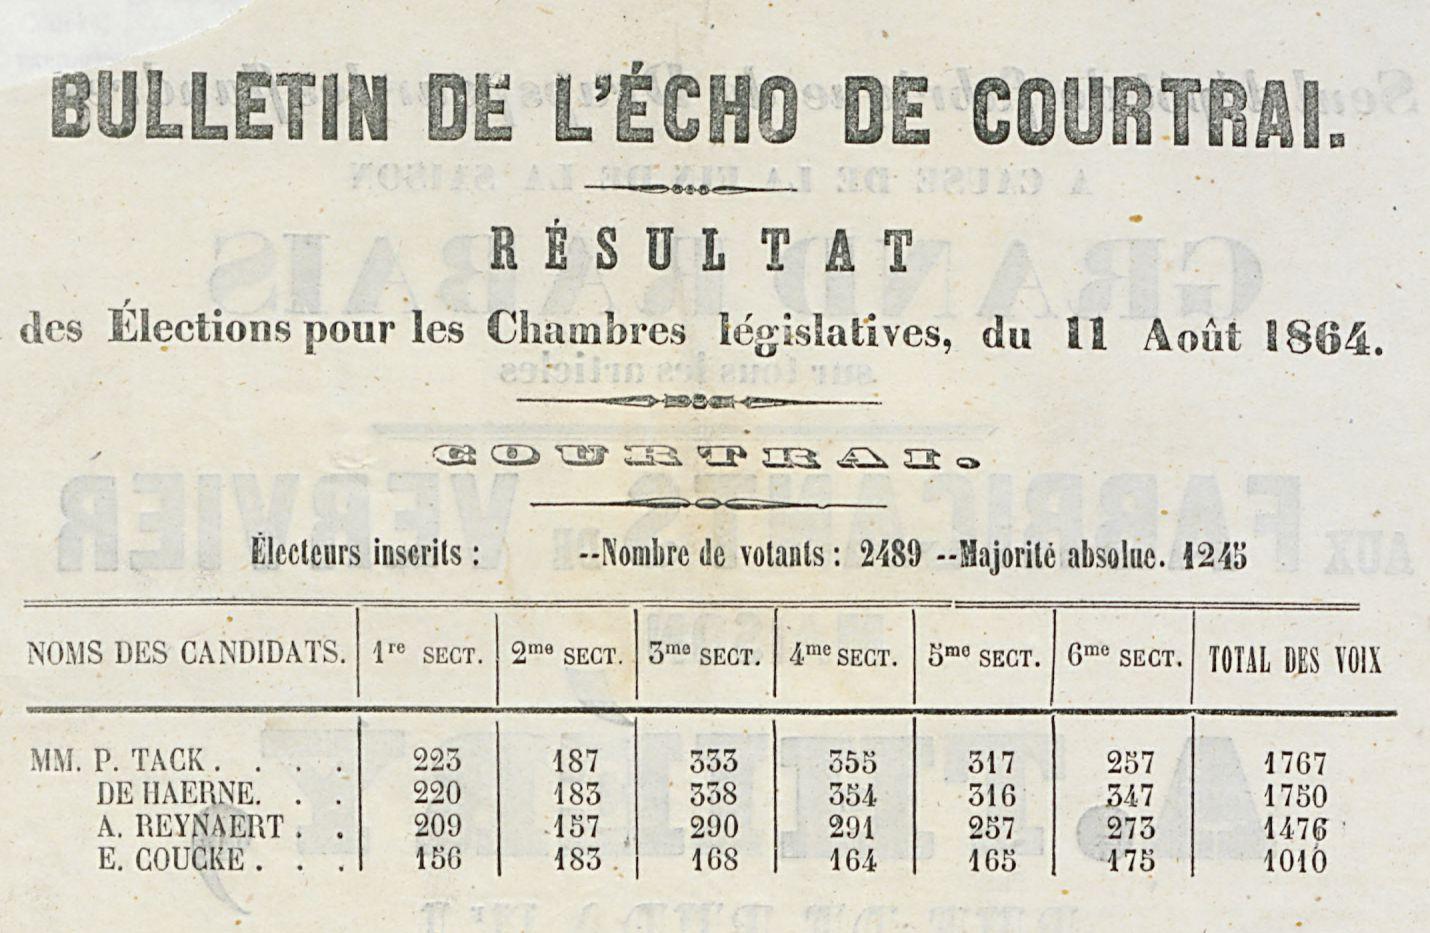 BULLETIN DE L'ÉCHO DE COURTRAI